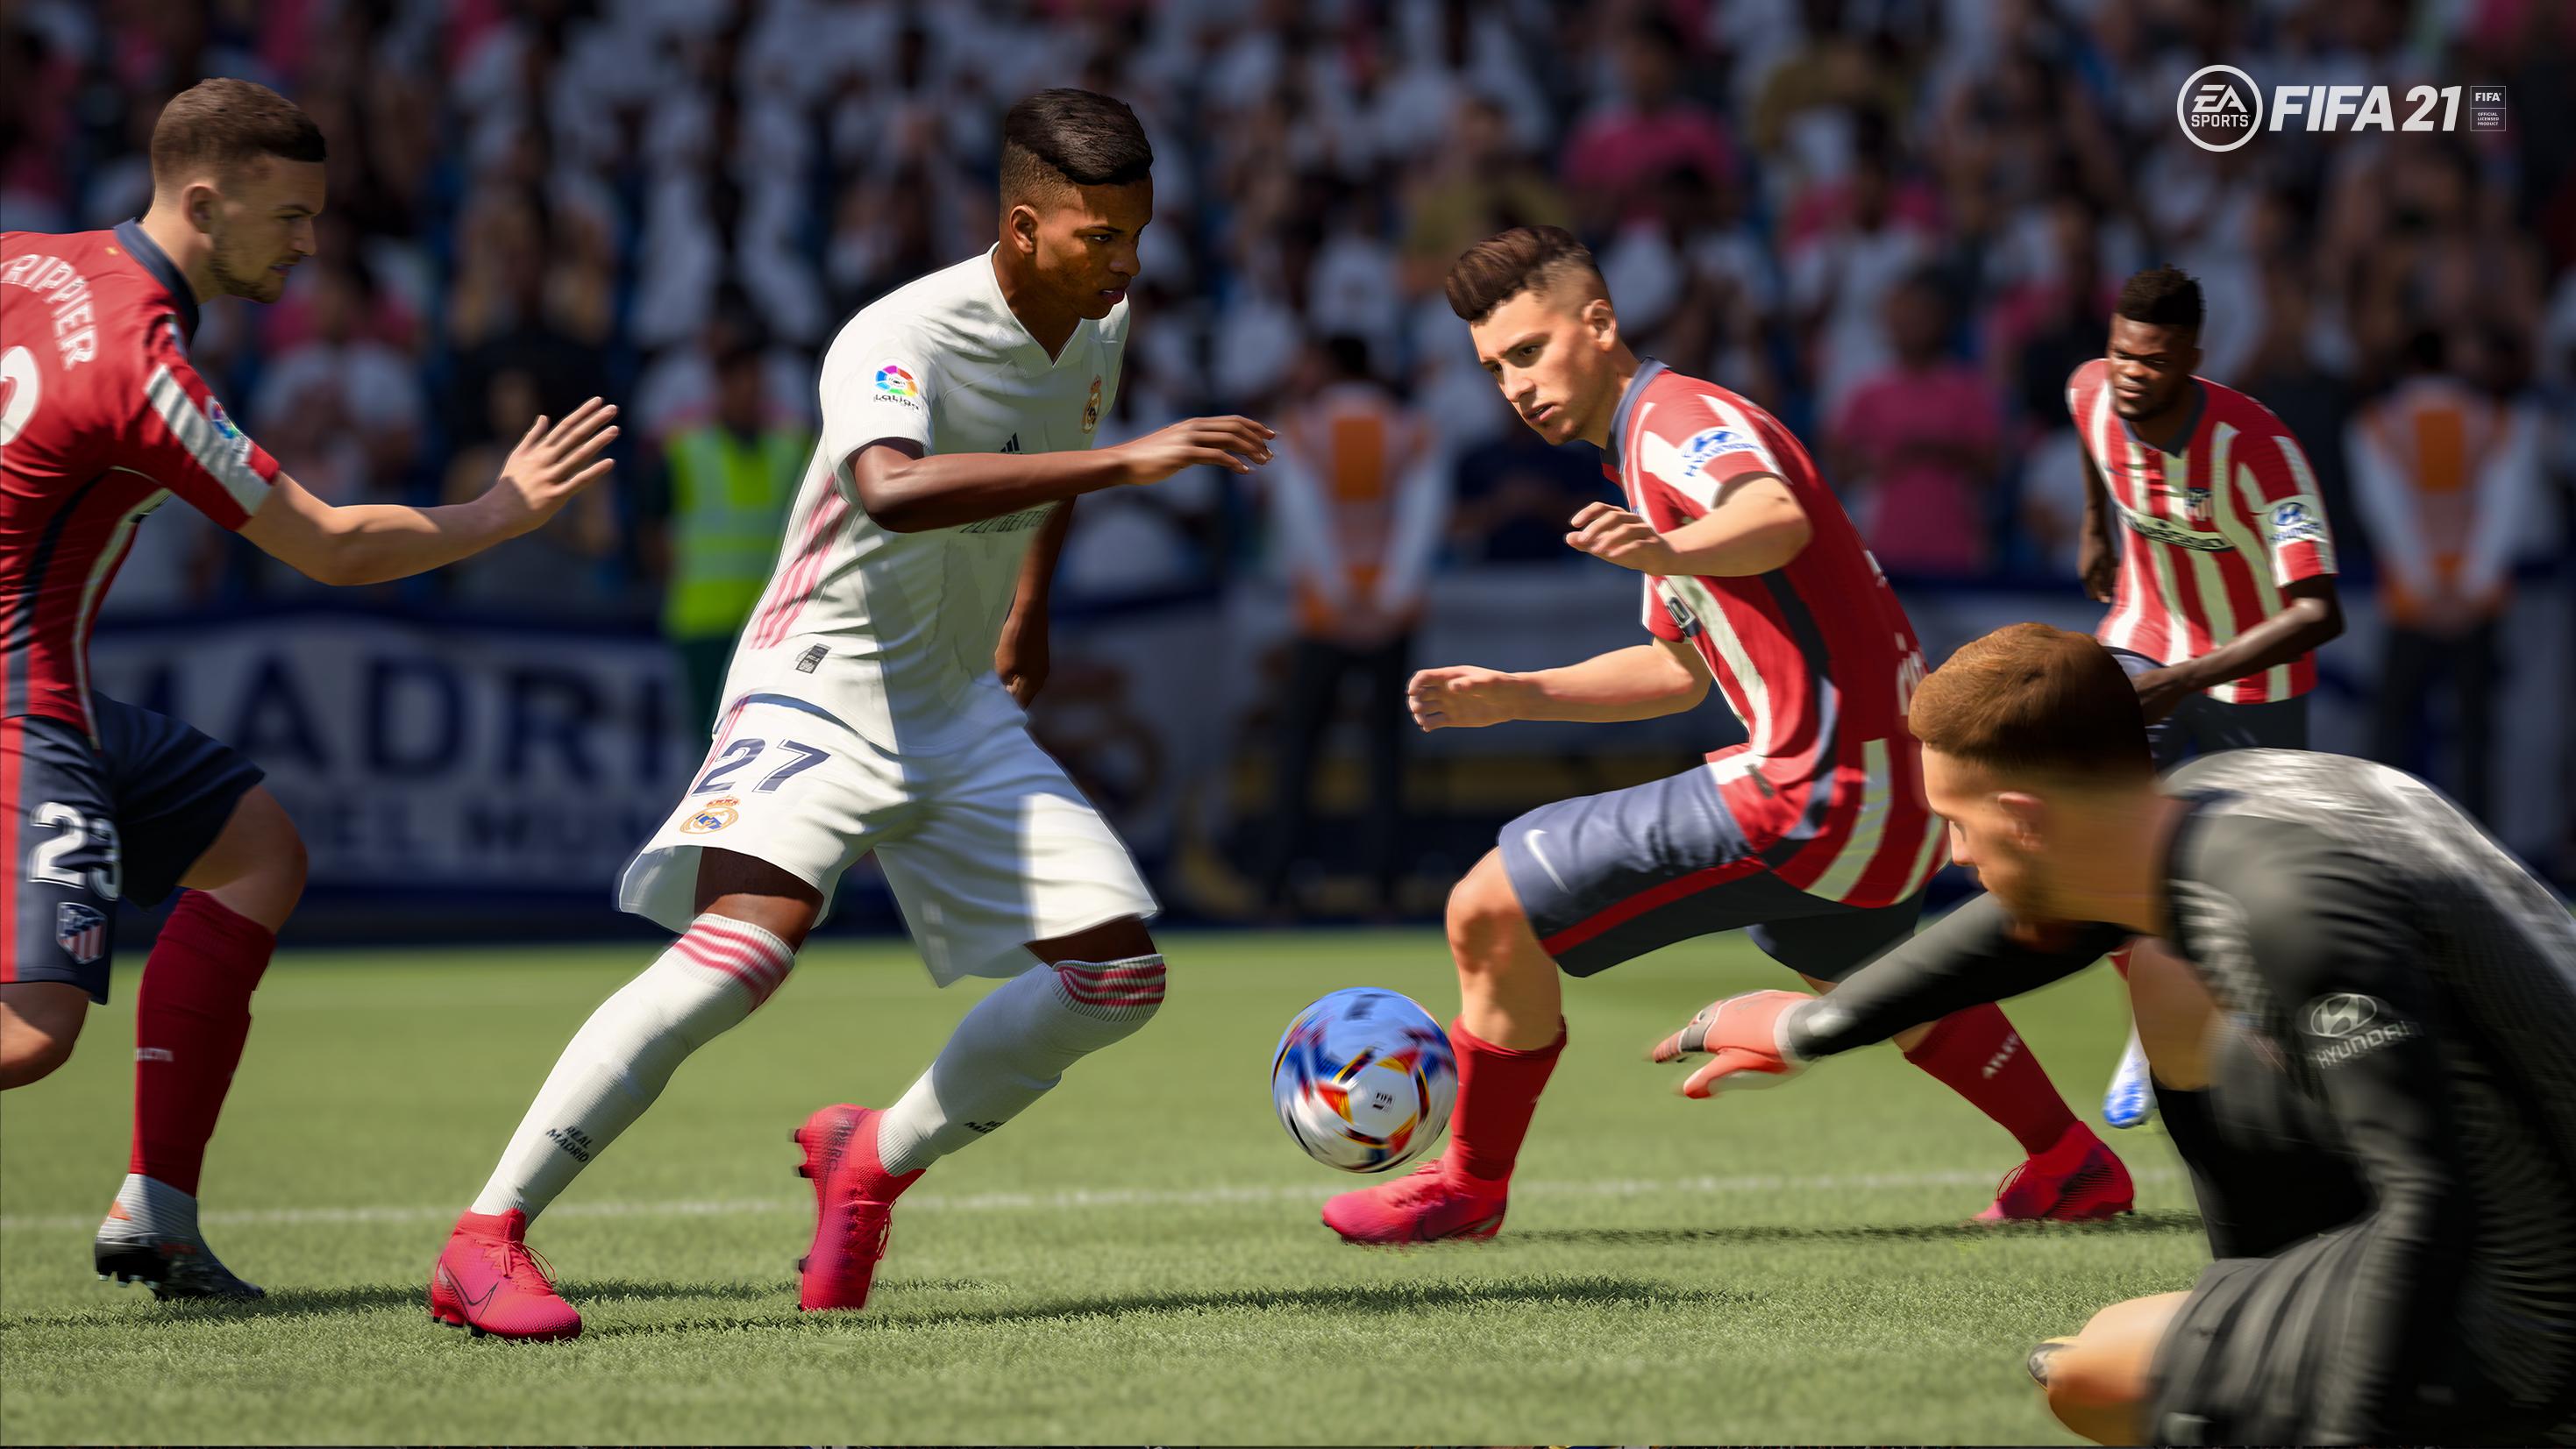 Imagens de COVID-19 não terá influência em FIFA 21 1/2